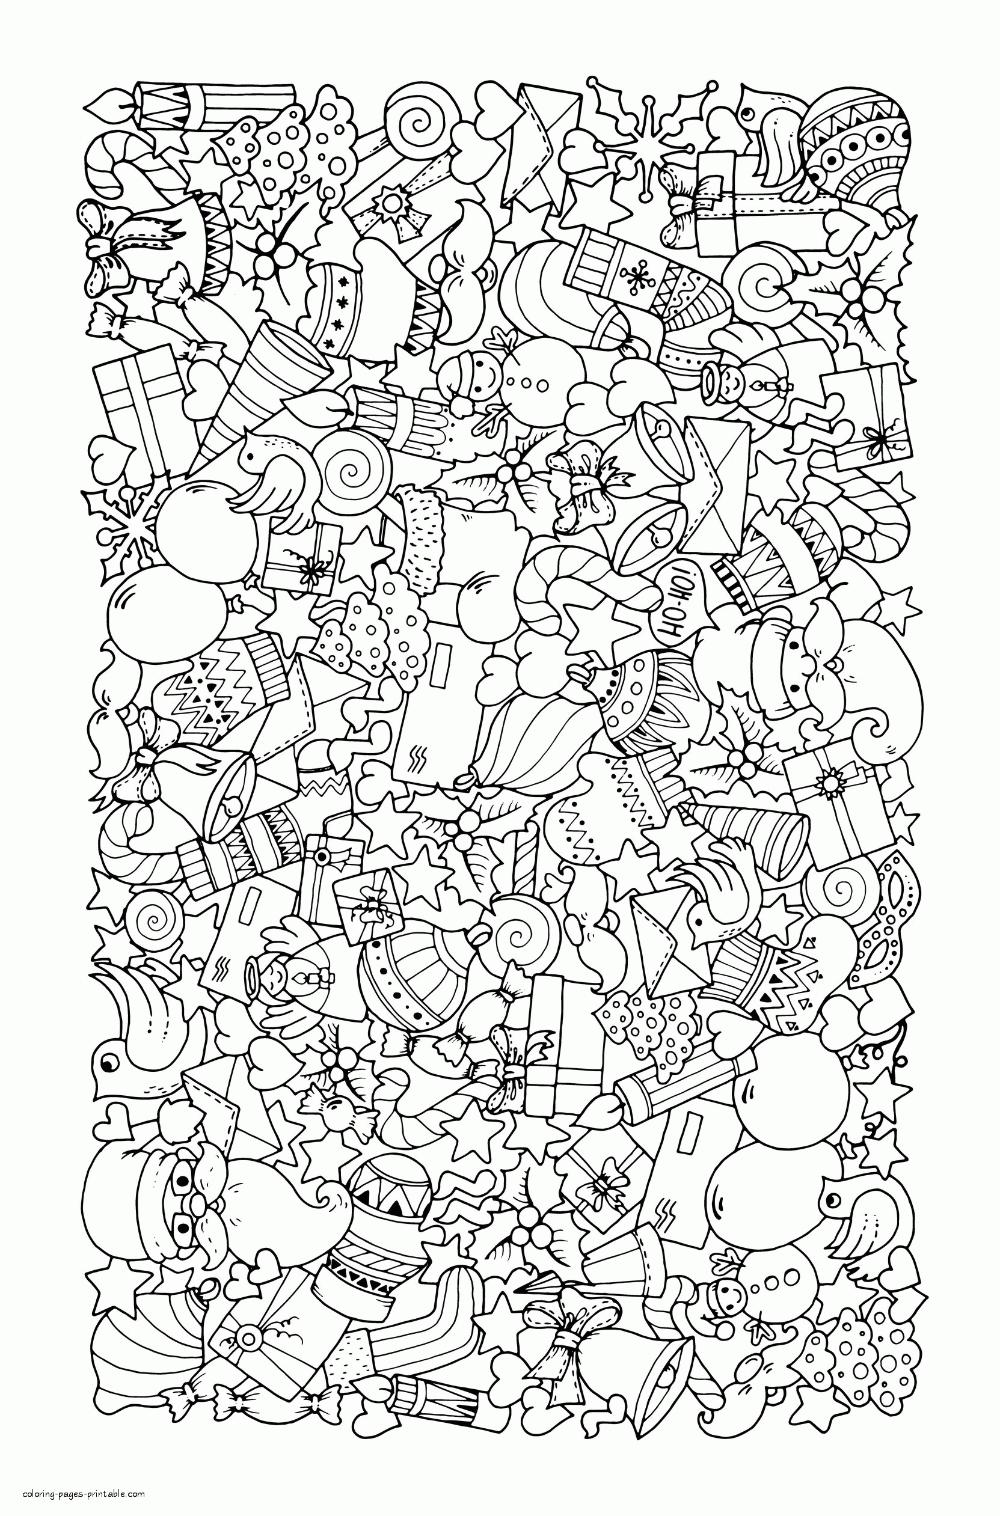 weihnachten doodle malvorlage für erwachsene weihnachten